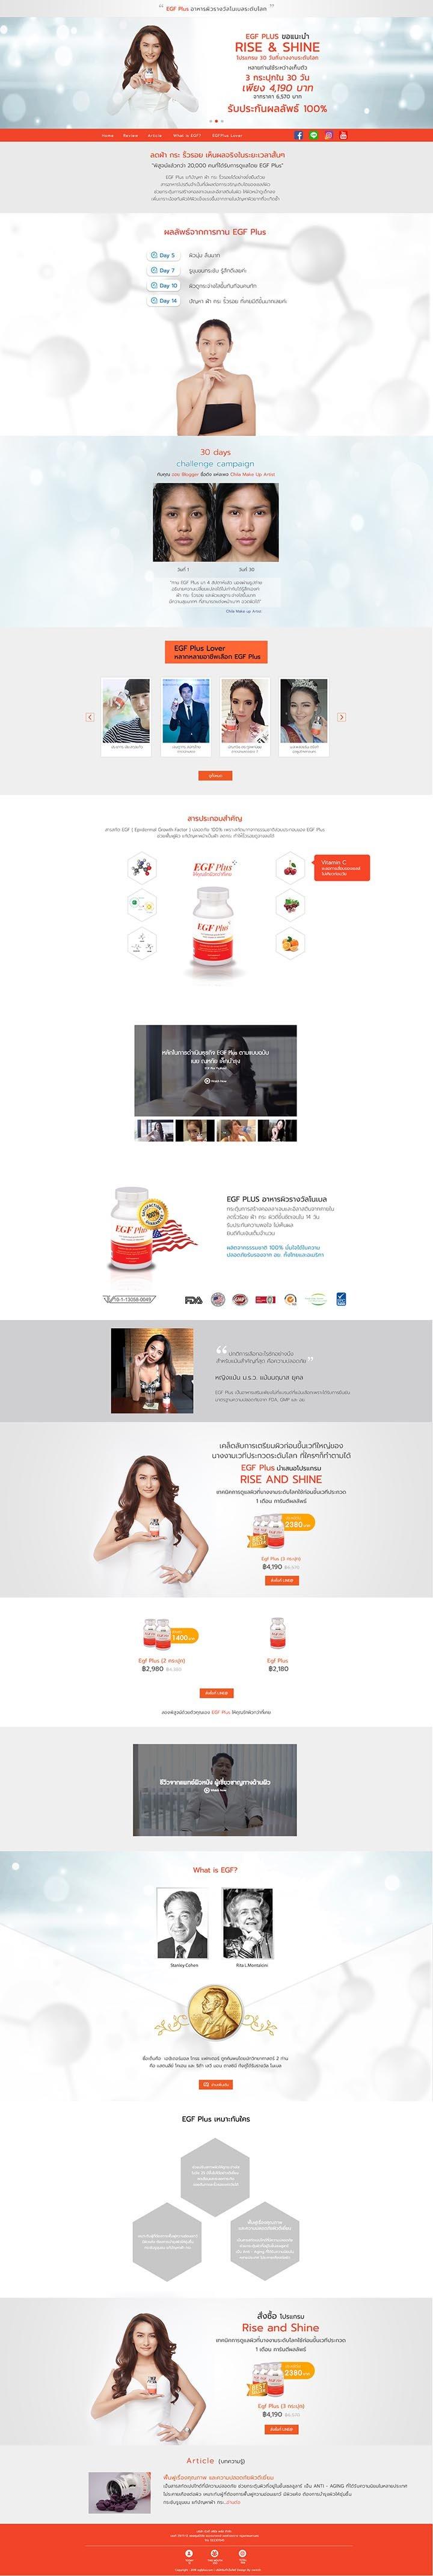 บริษัททำเว็บอาหารเสริม-ฝ้ากระ-ริ้วรอย-จุดด่างดำ-หน้าเด็กลง-ผิวสวย,ทำเว็บผลิตภัณฑ์egfplus